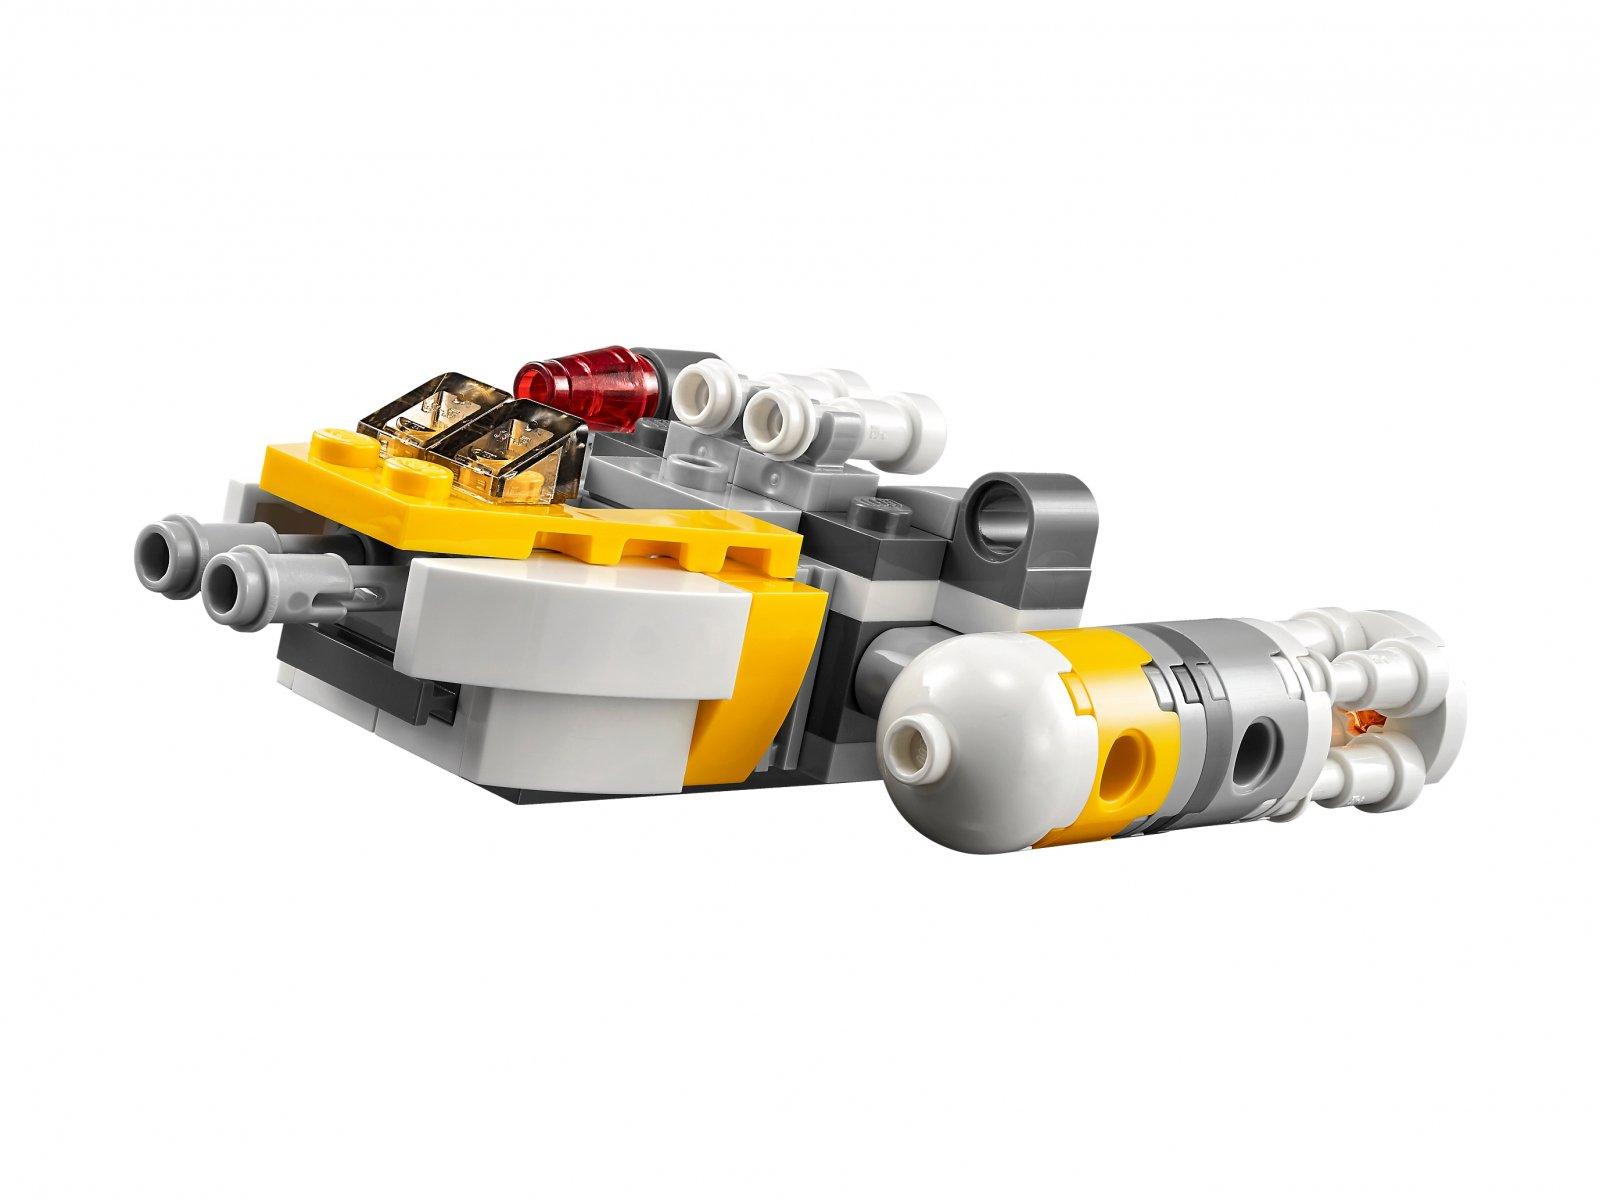 LEGO Star Wars™ Y-Wing™